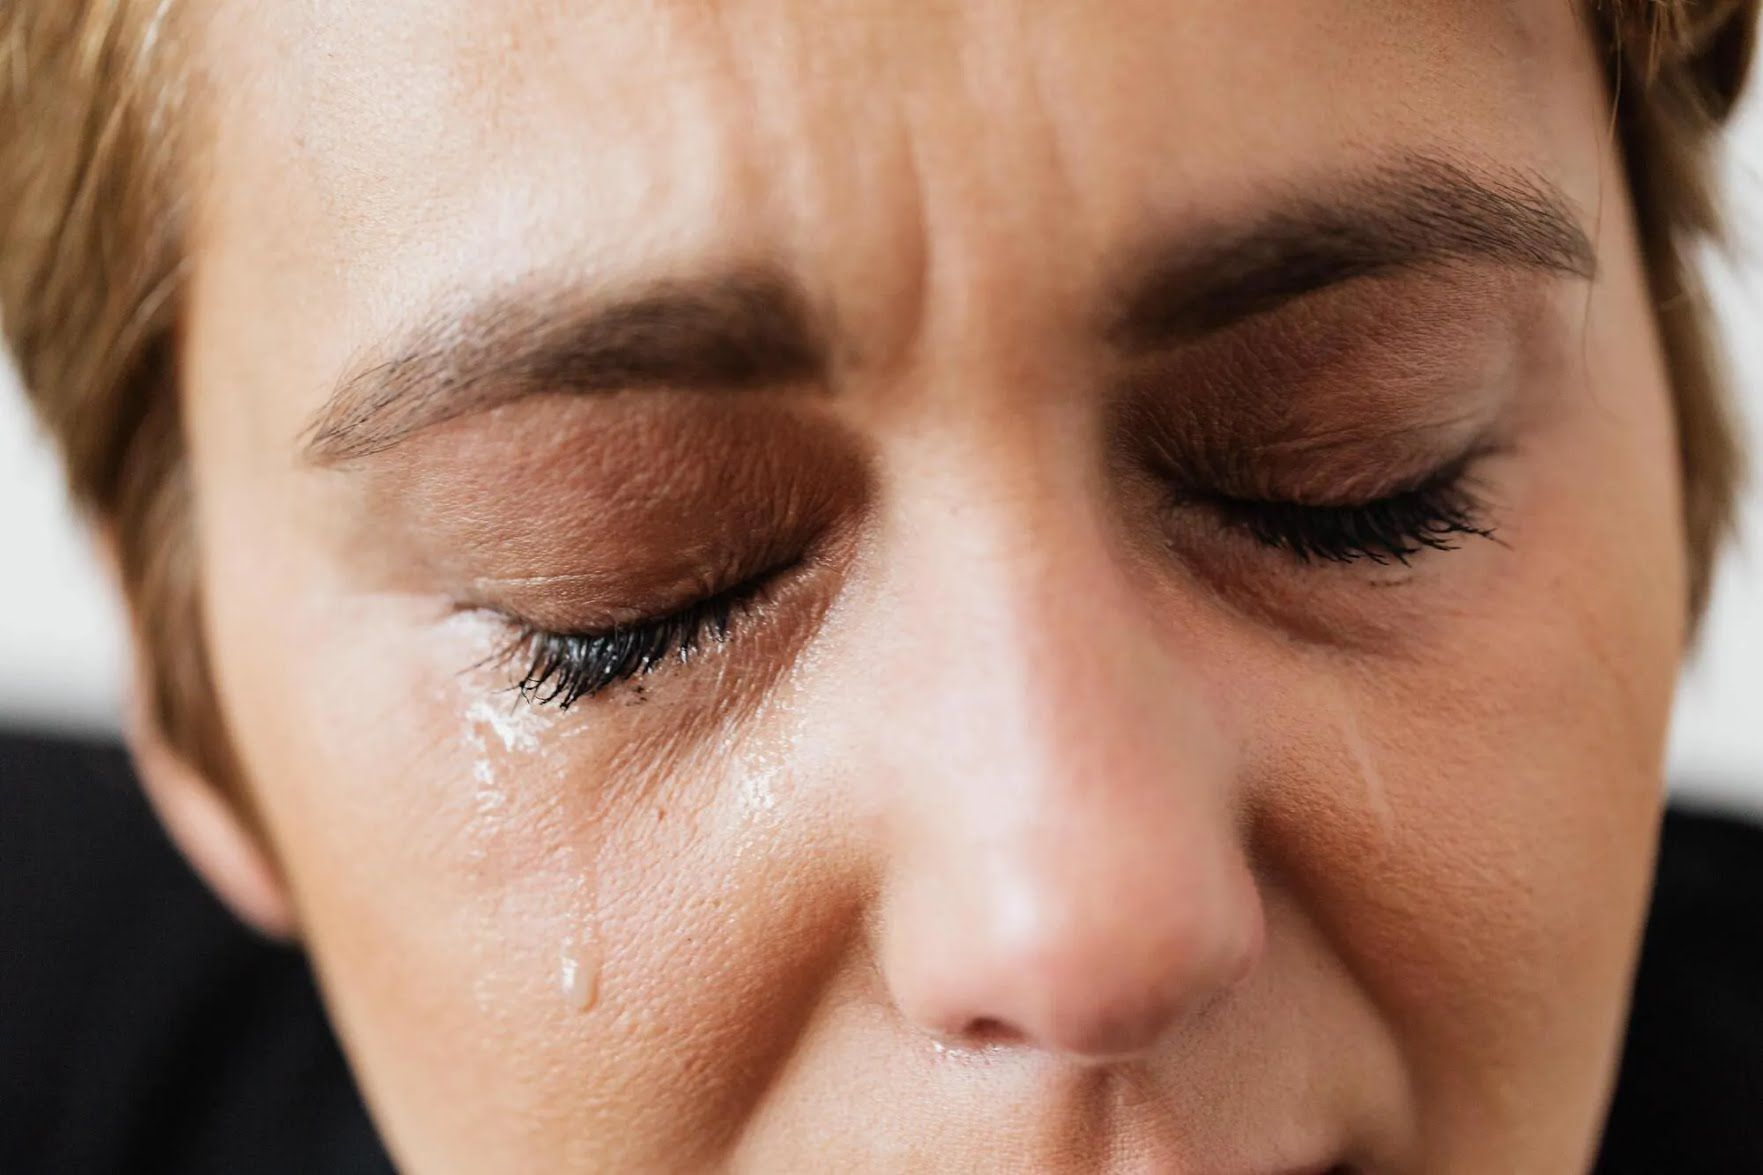 Смуток може виникнути через те, що не було відчуття близькості з партнером